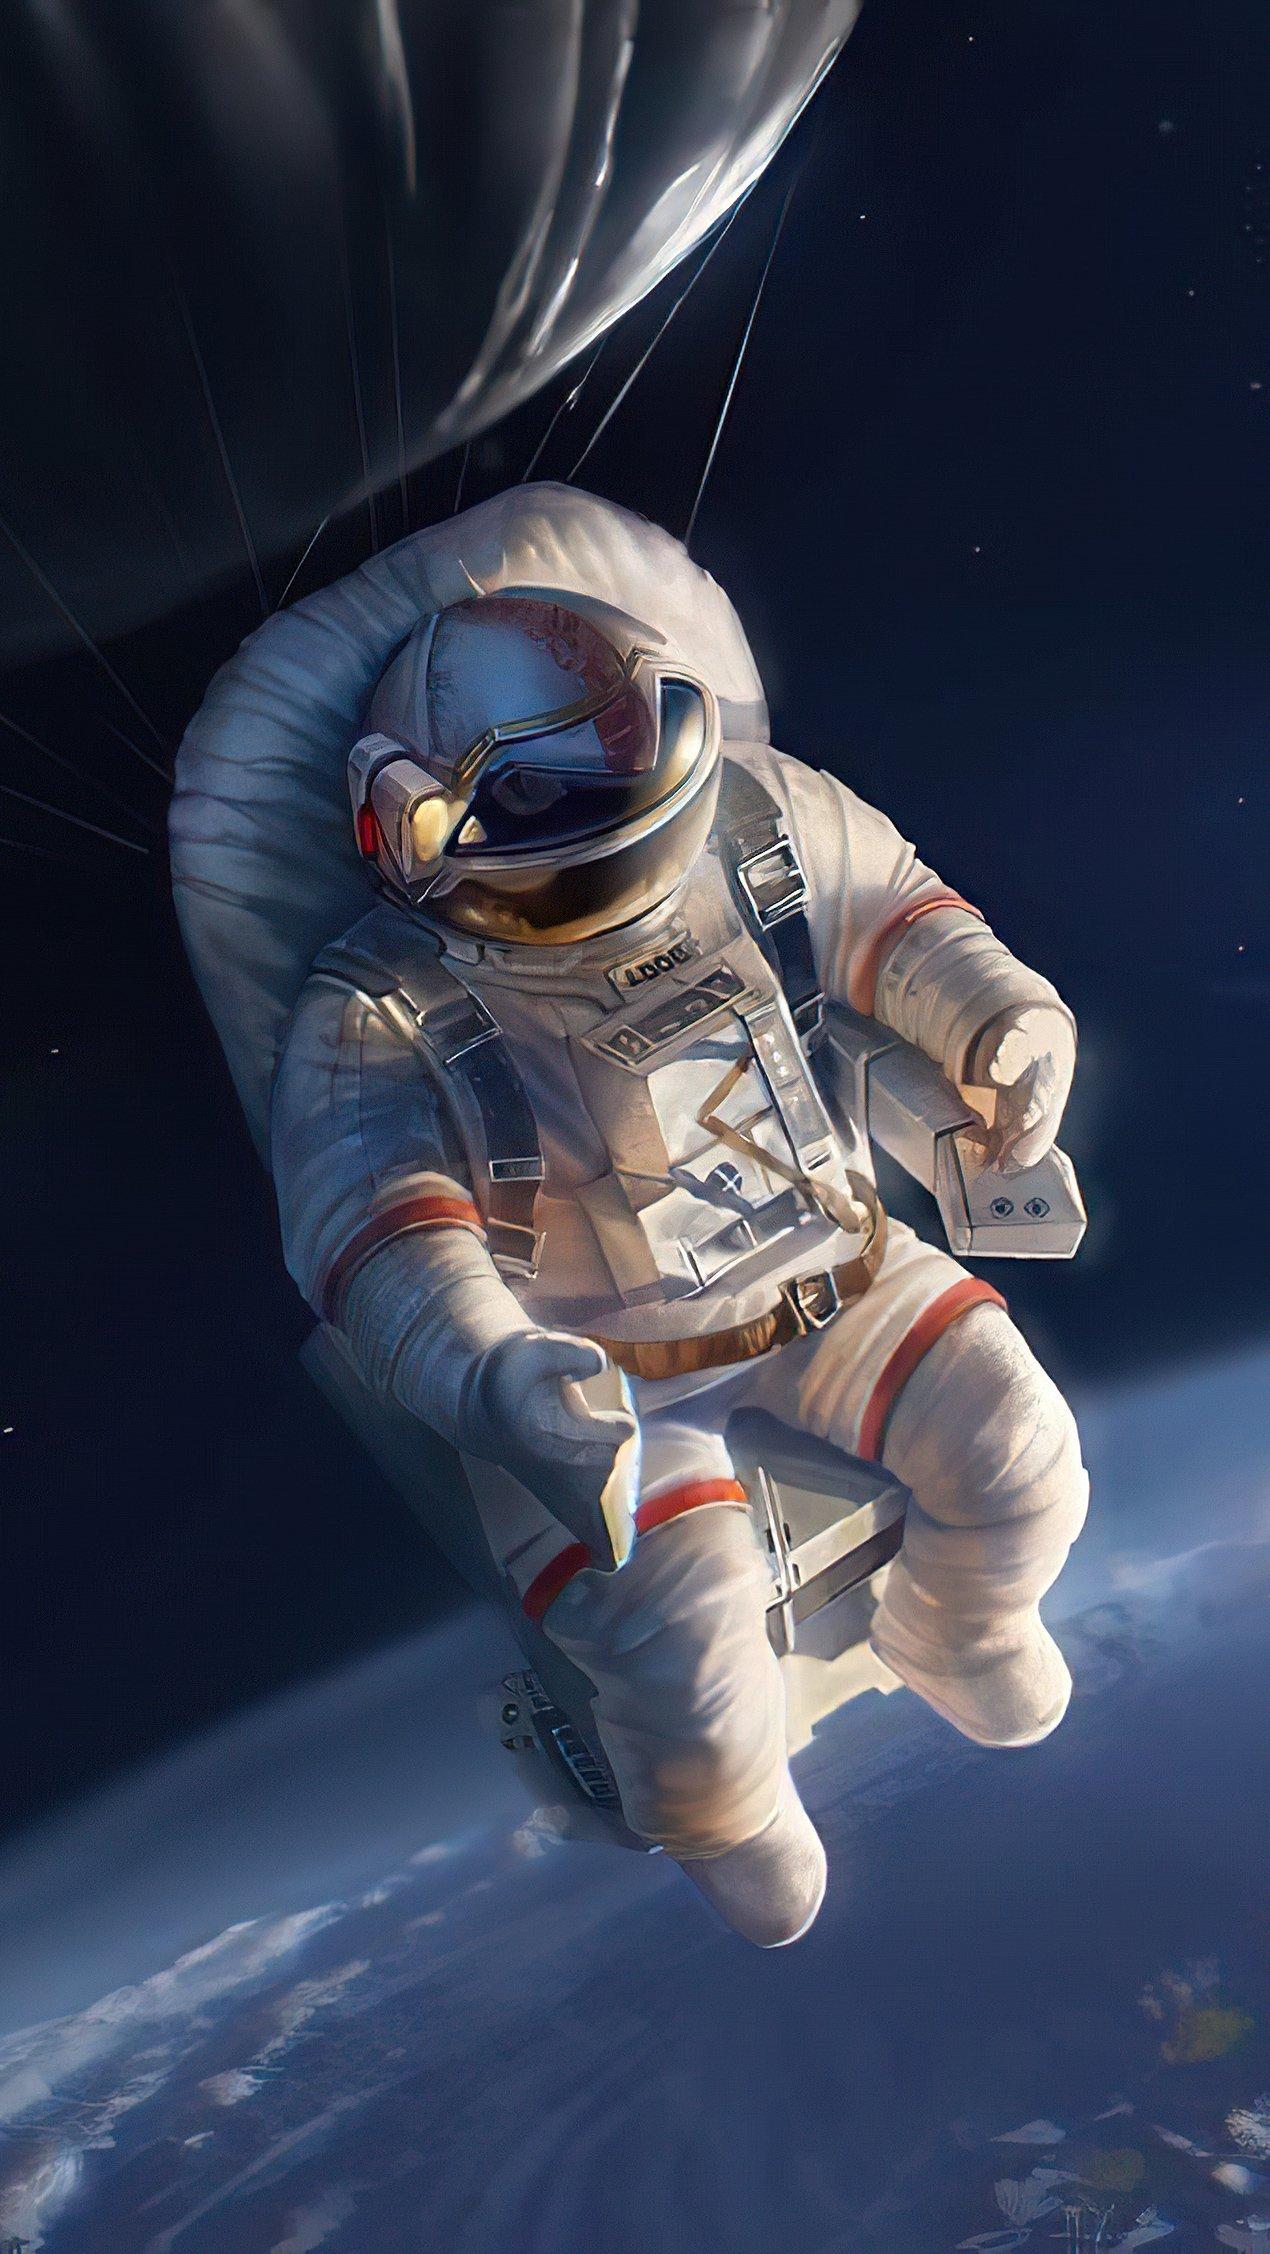 Fondos de pantalla Astroauta arriba de la tierra Vertical